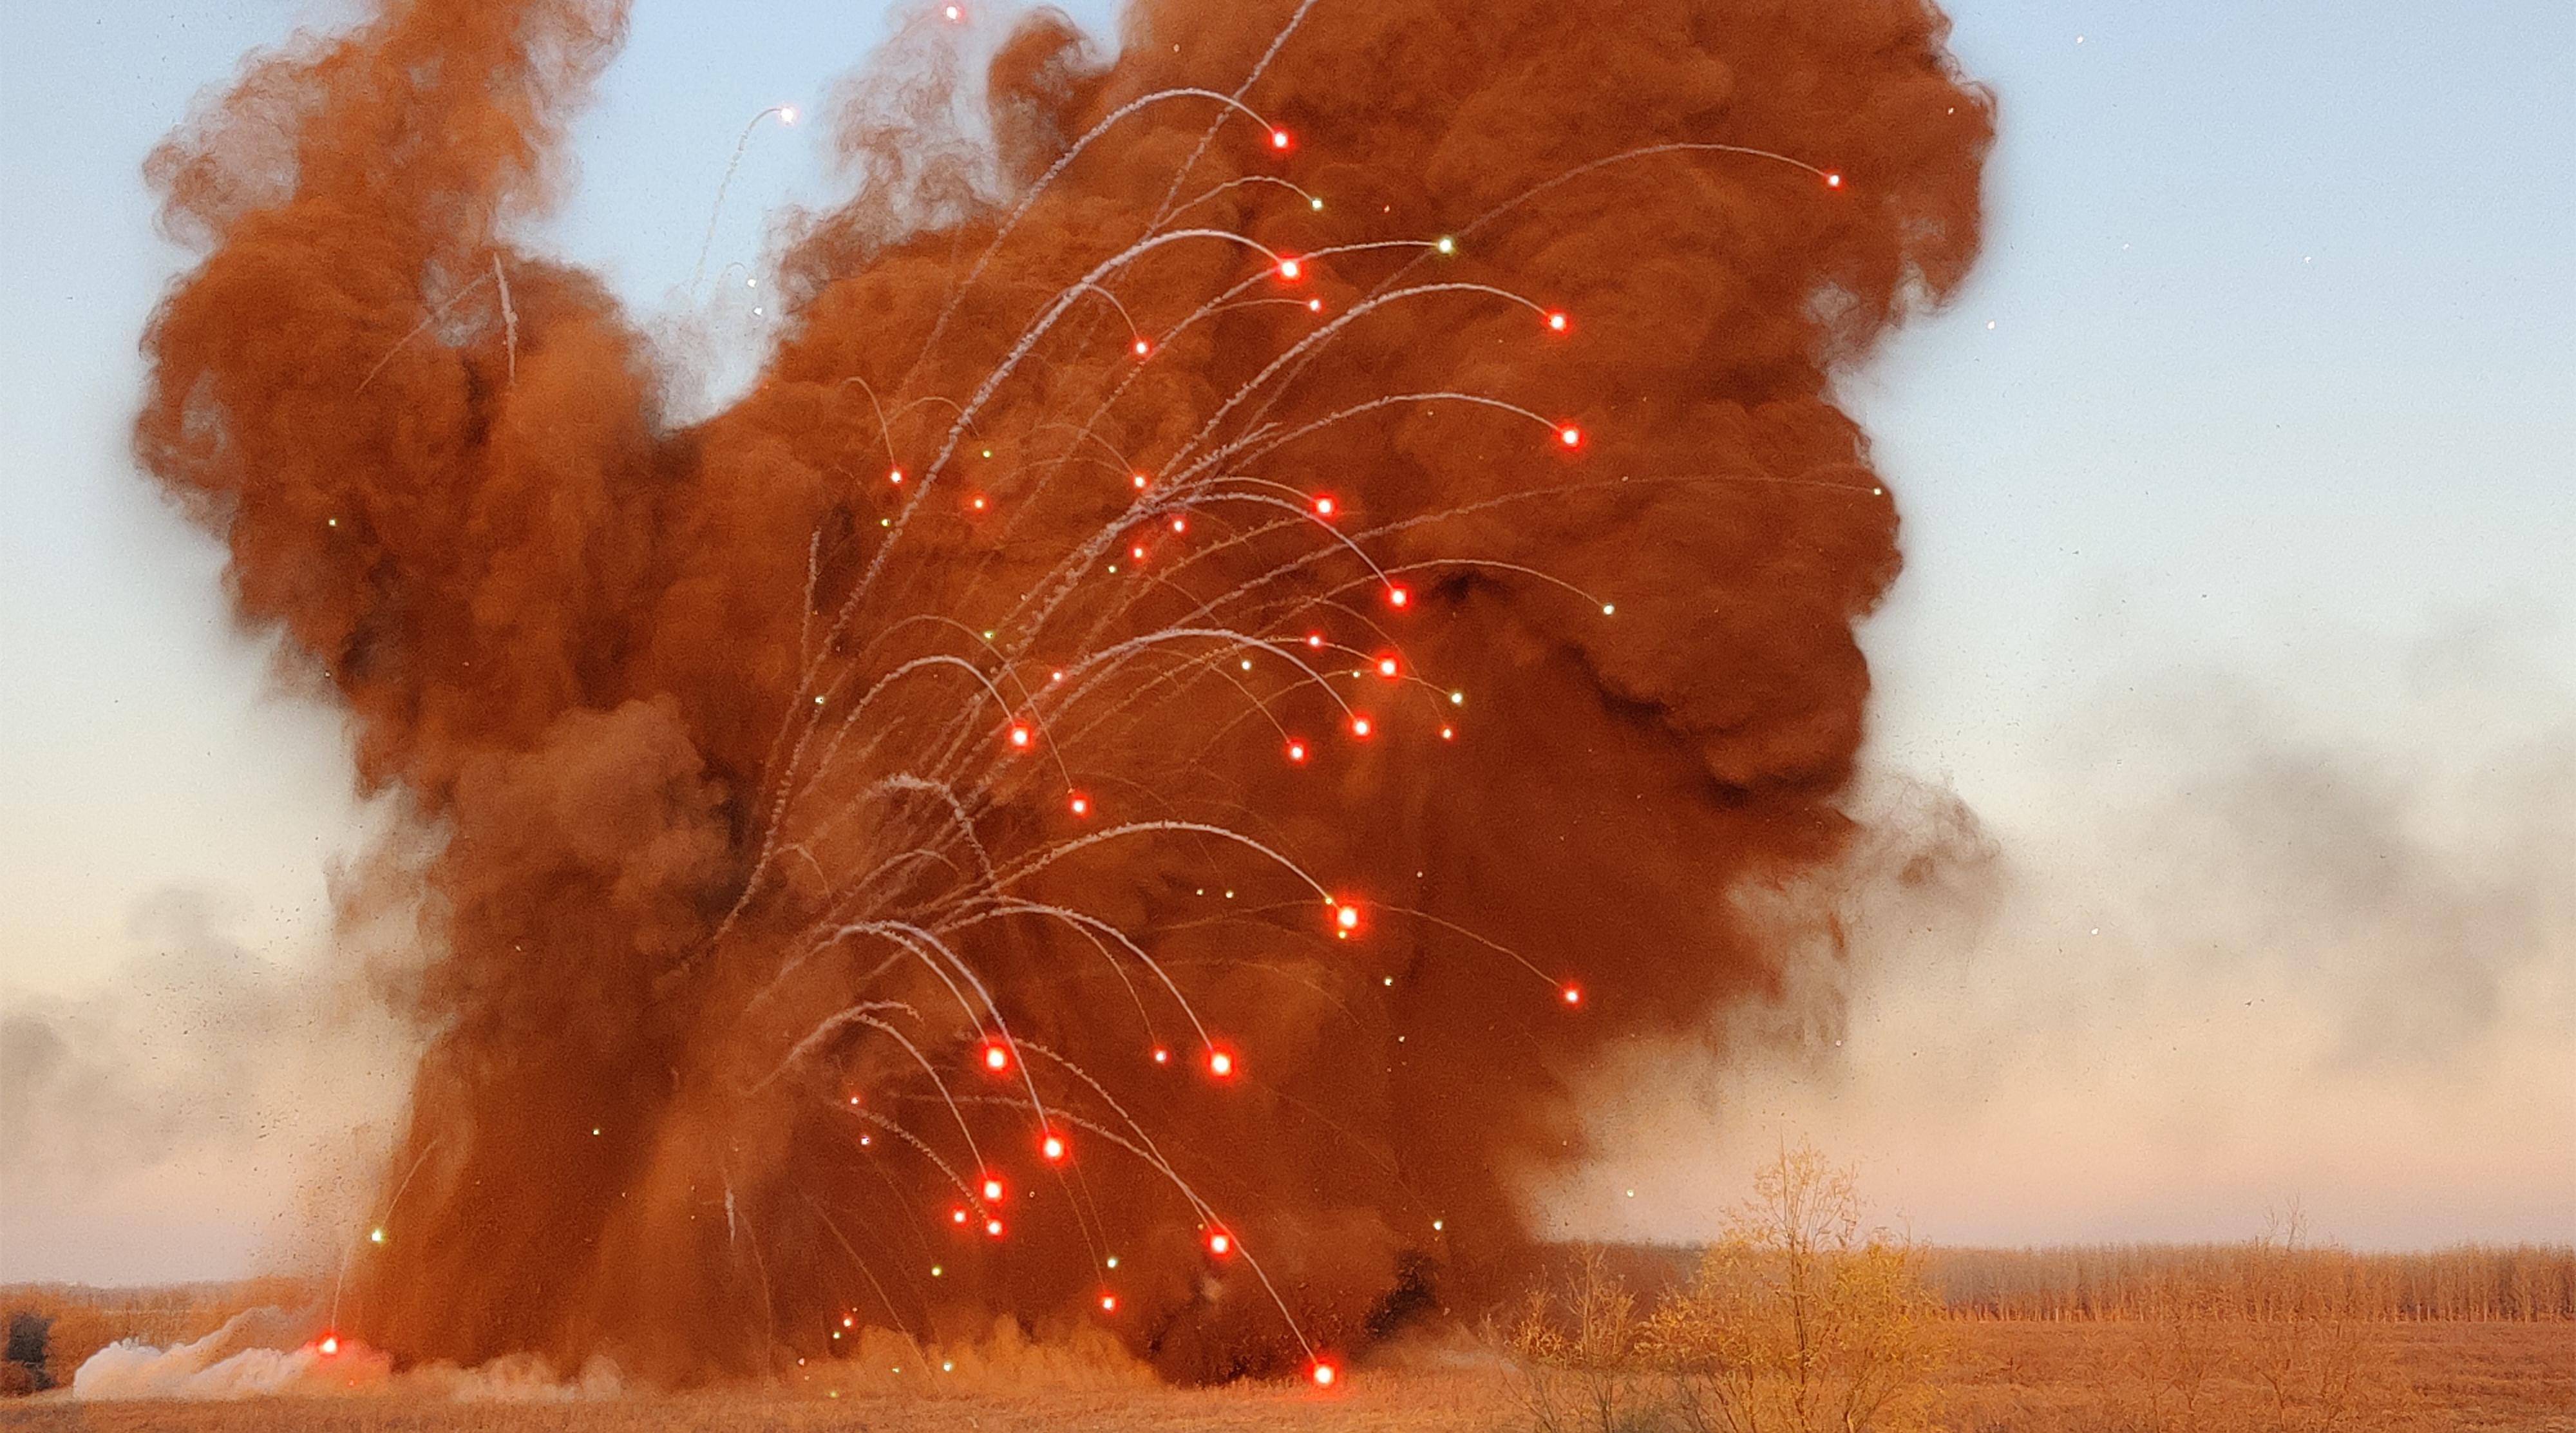 爆炸危险源消除与废旧弹药销毁